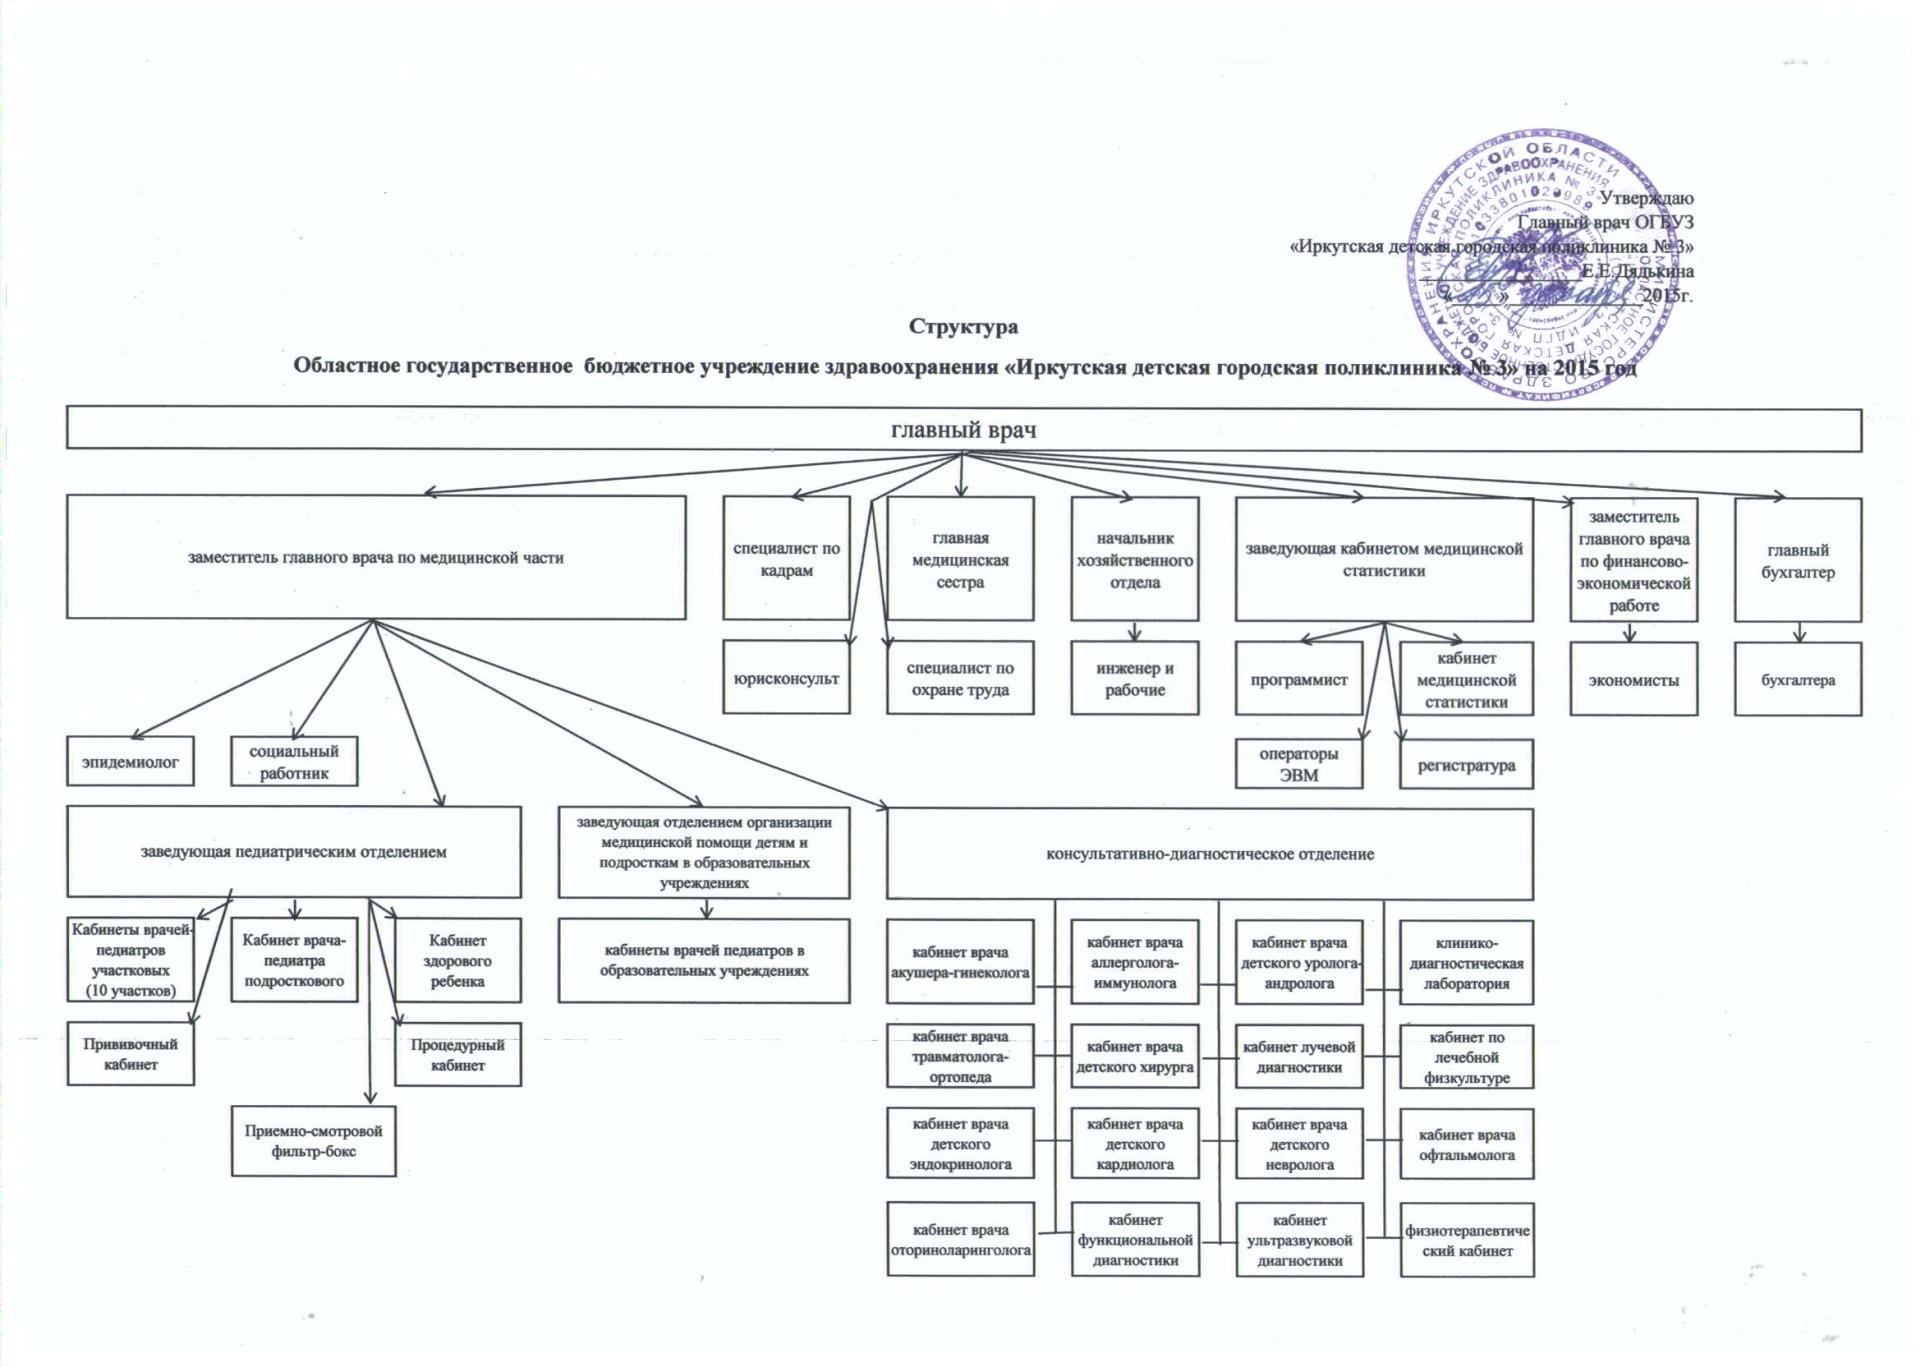 структура поликлиники